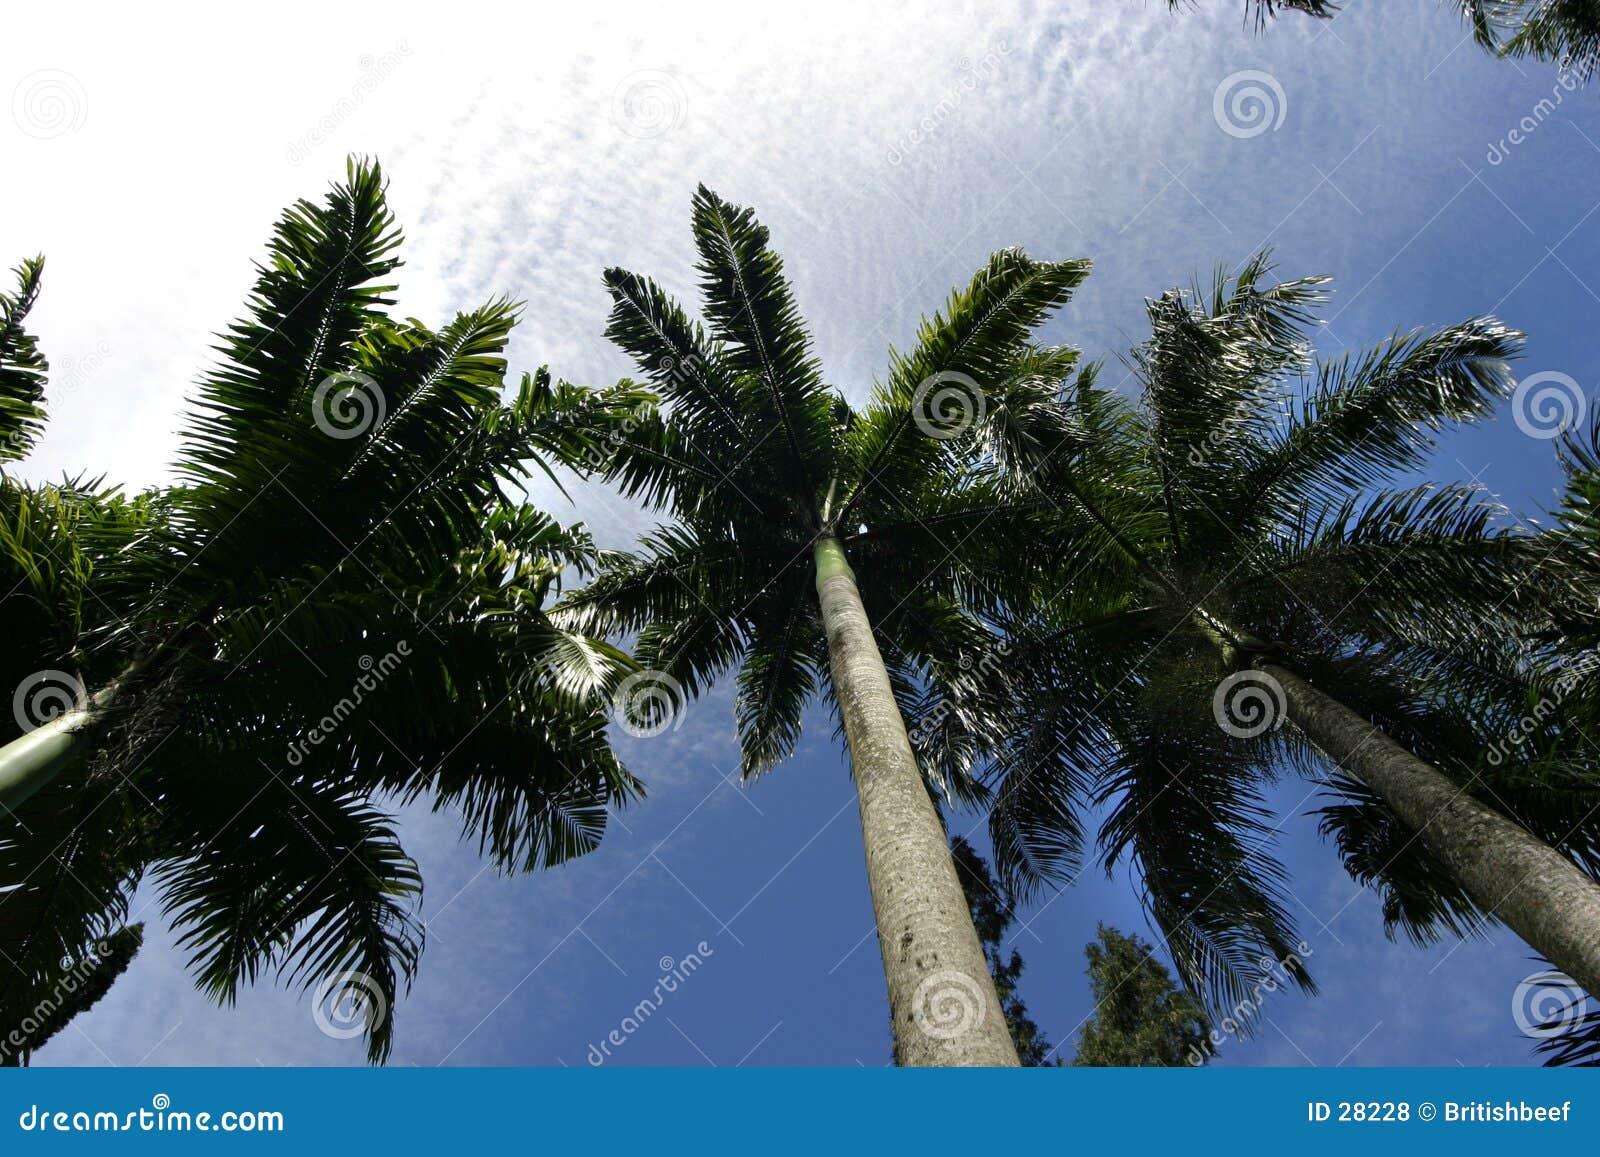 Palms against sky